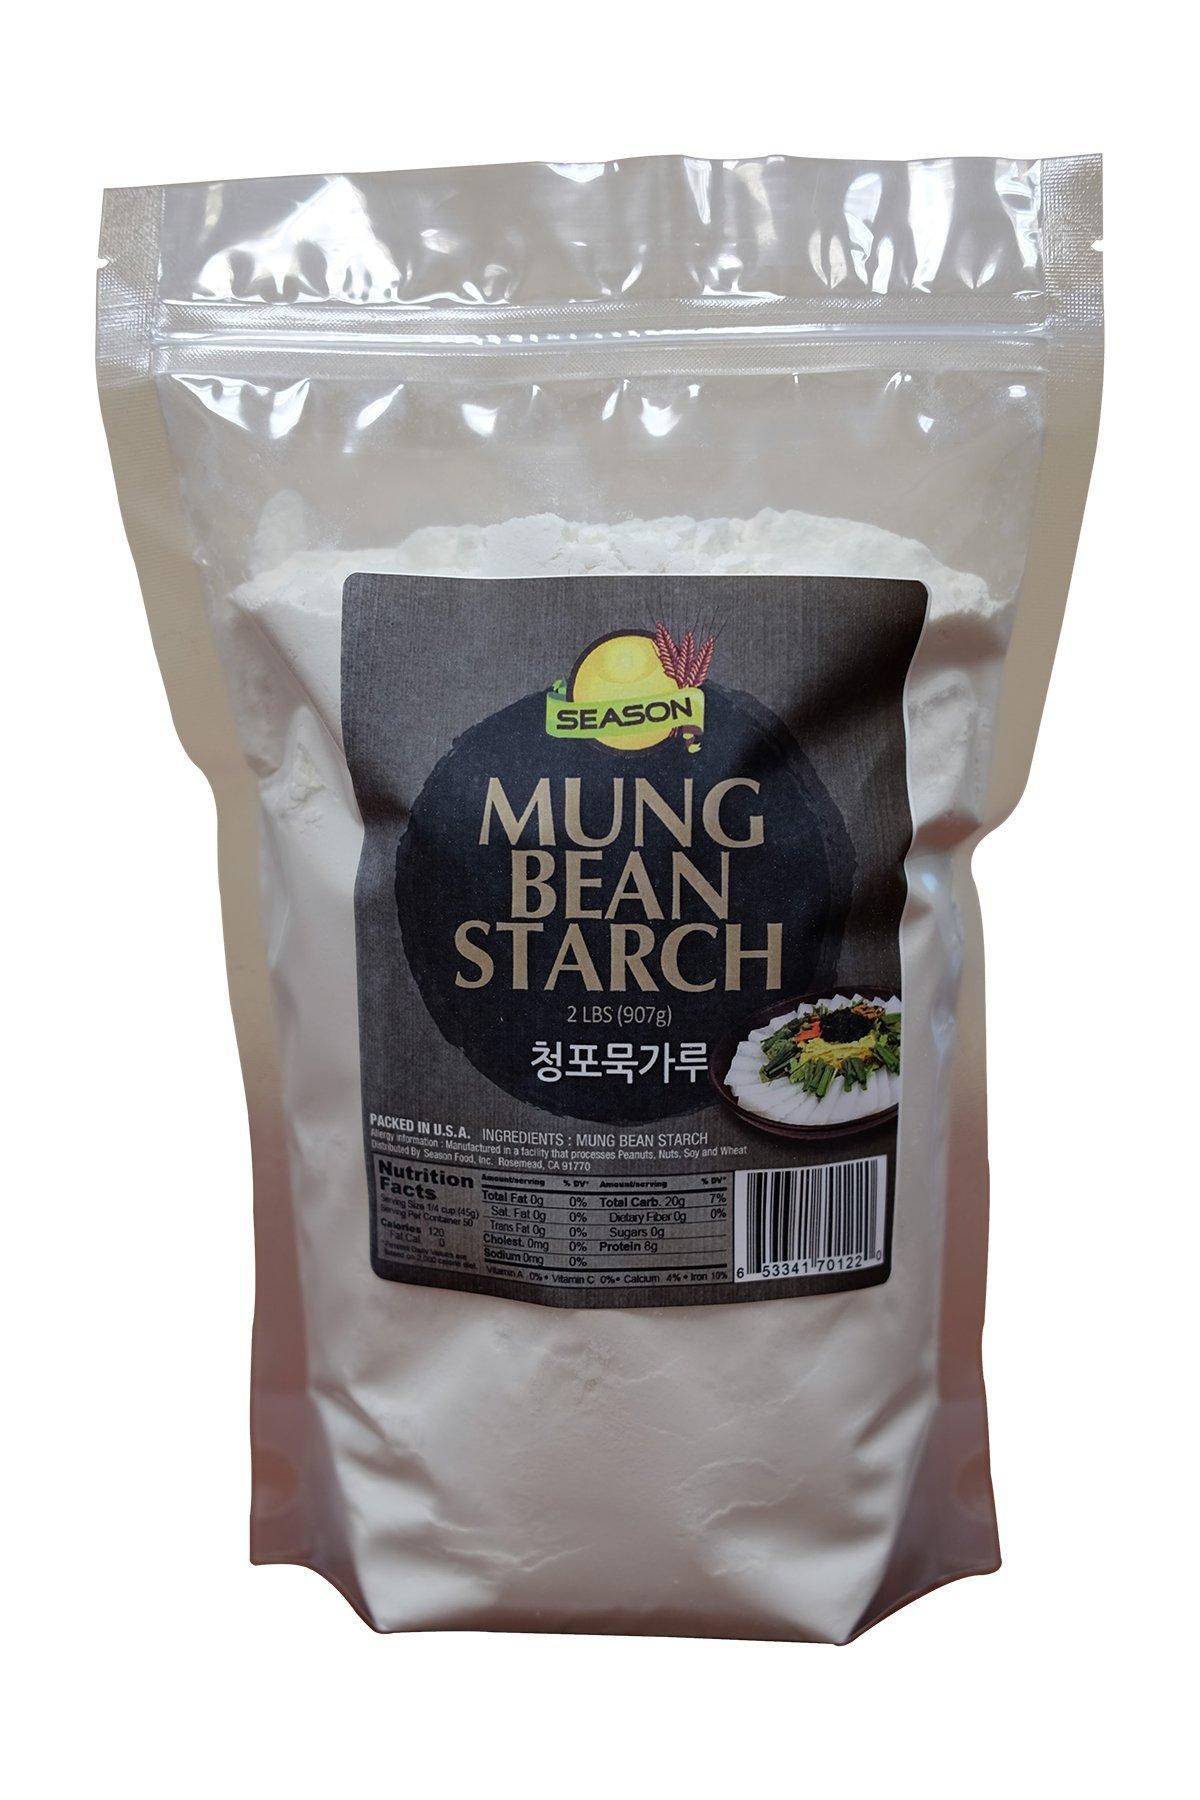 Season Mung Bean Starch, 2-Pound